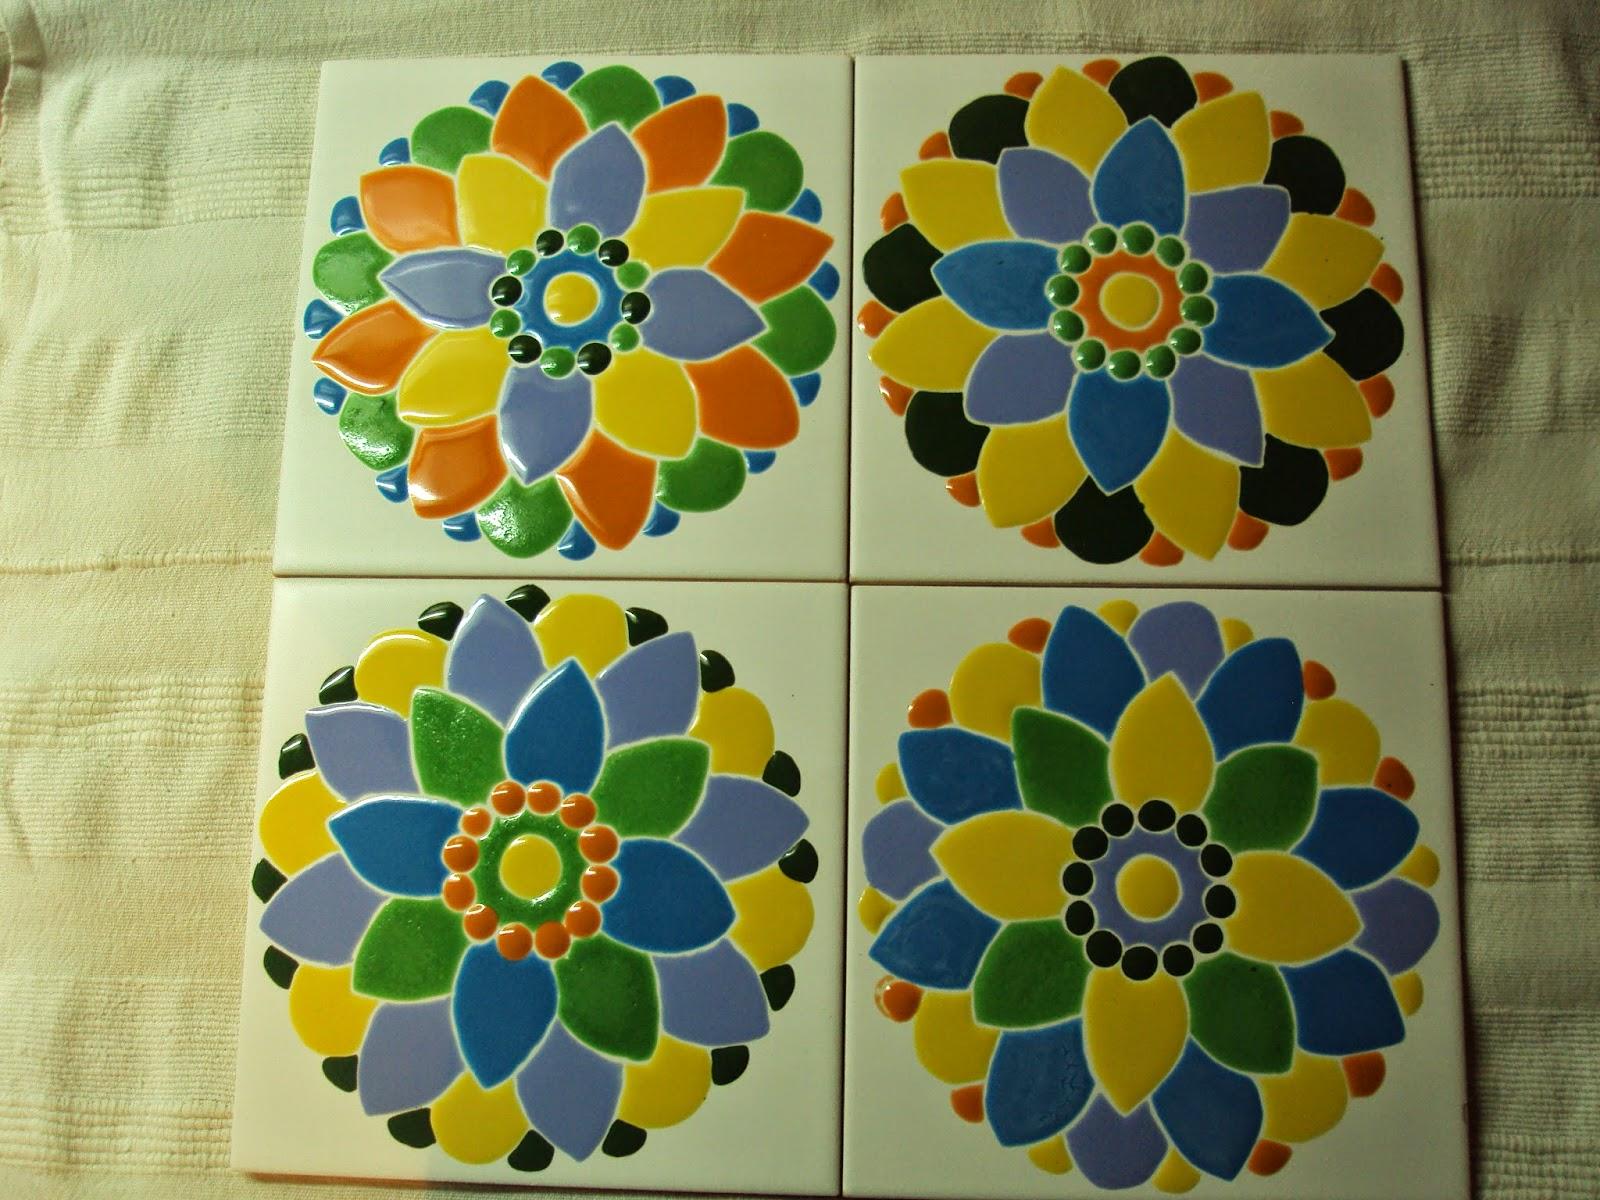 Betuart azulejos artesanales estilo mexico - Azulejos artesanales ...